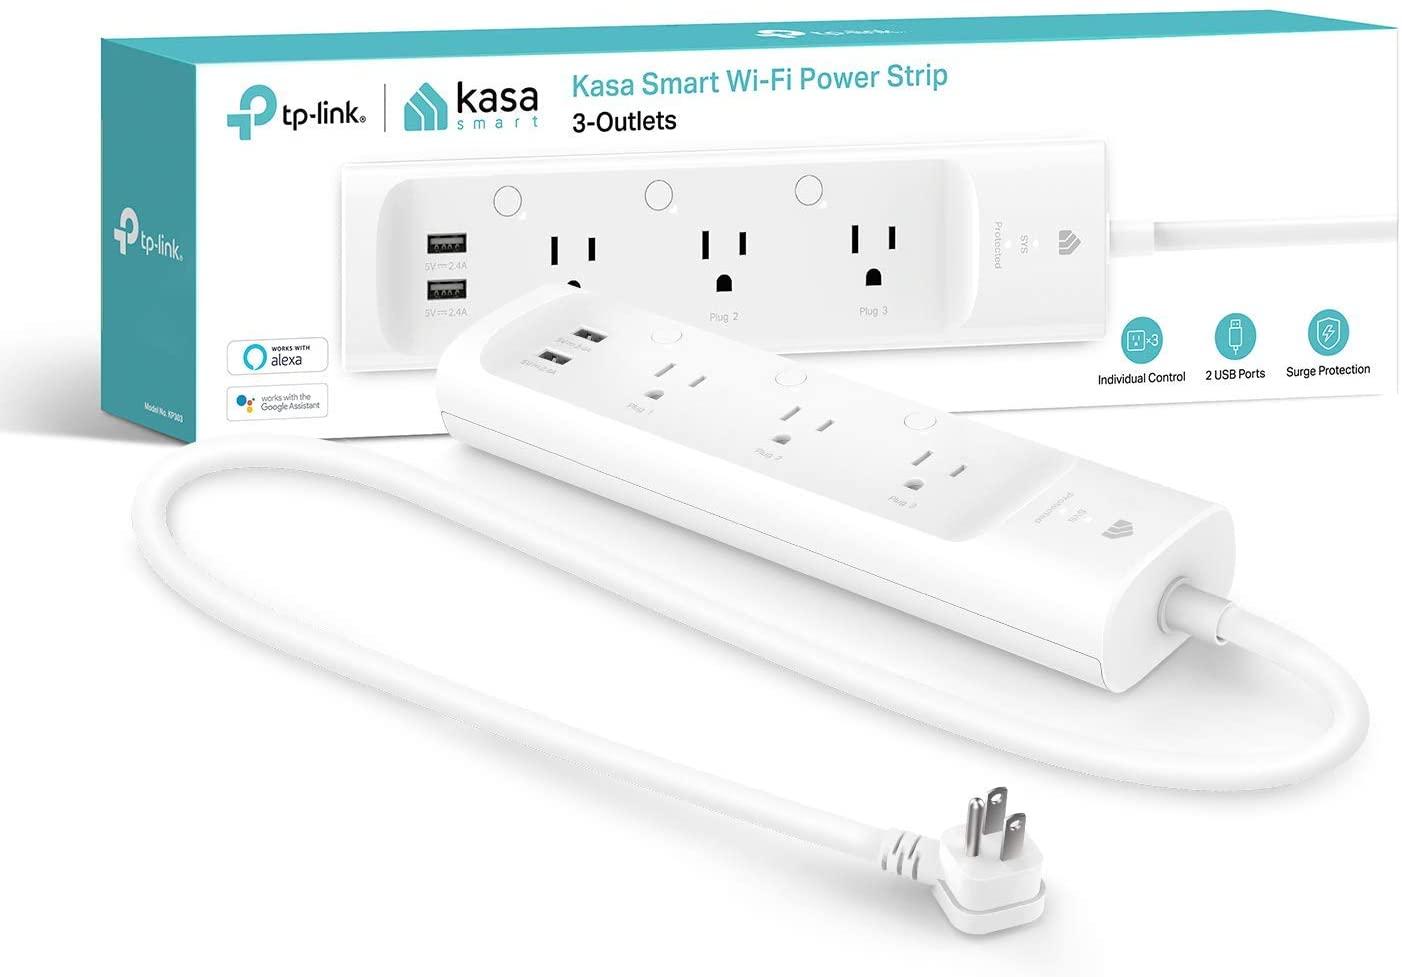 Kasa Smart KP303 Enchufe de regla - Protector de sobretensión, tomas inteligentes y dos puertos USB